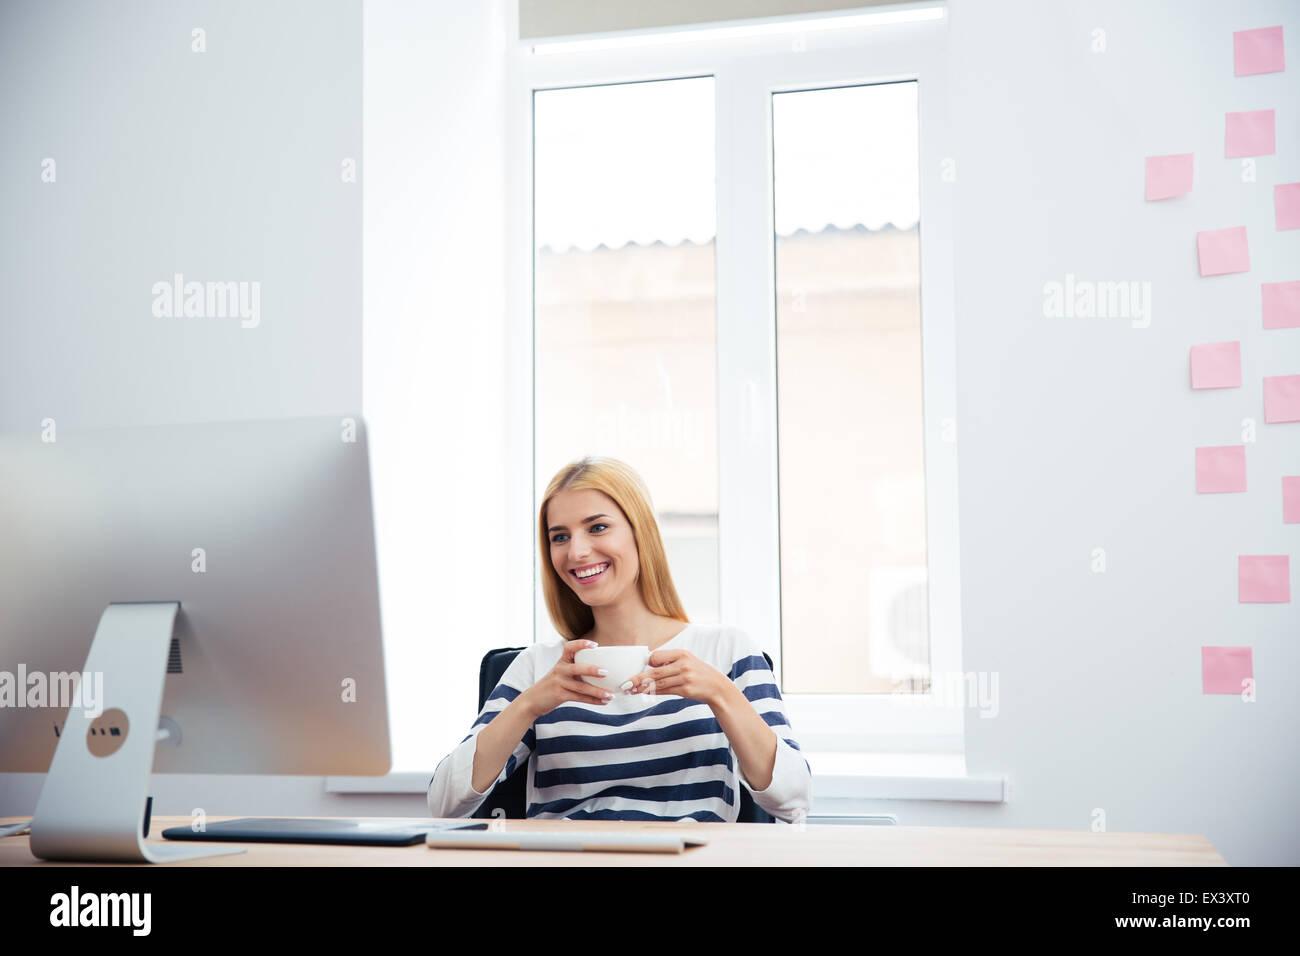 Lächelnd weibliche Foto Editor Kaffee trinken im Büro Stockbild